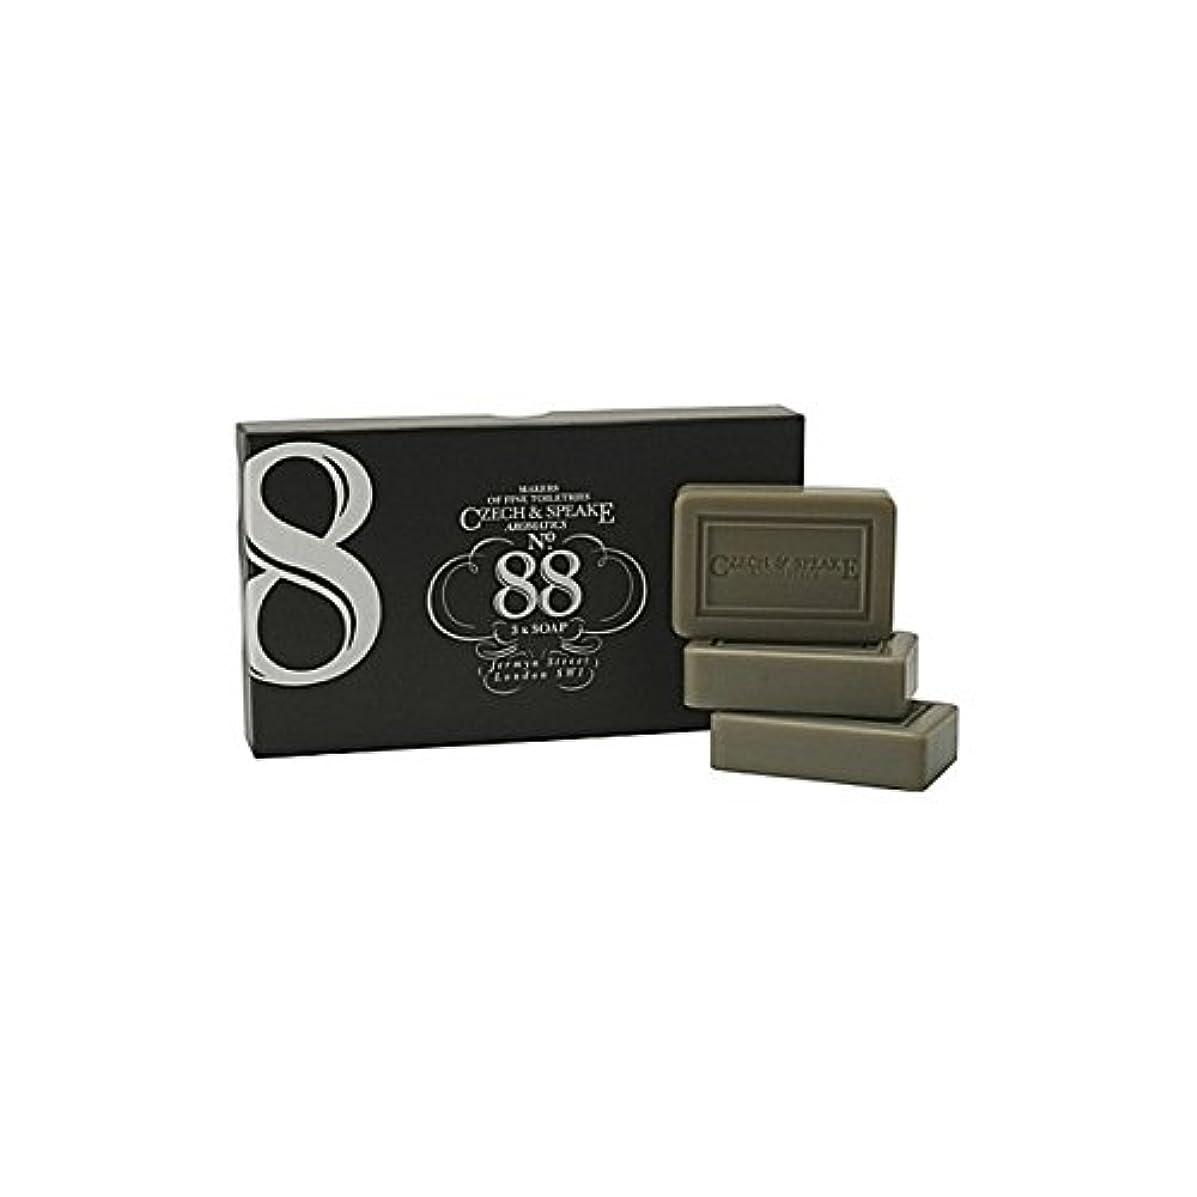 つかの間クマノミ貪欲チェコ&スピーク.88ソープセット x4 - Czech & Speake No.88 Soap Set (Pack of 4) [並行輸入品]